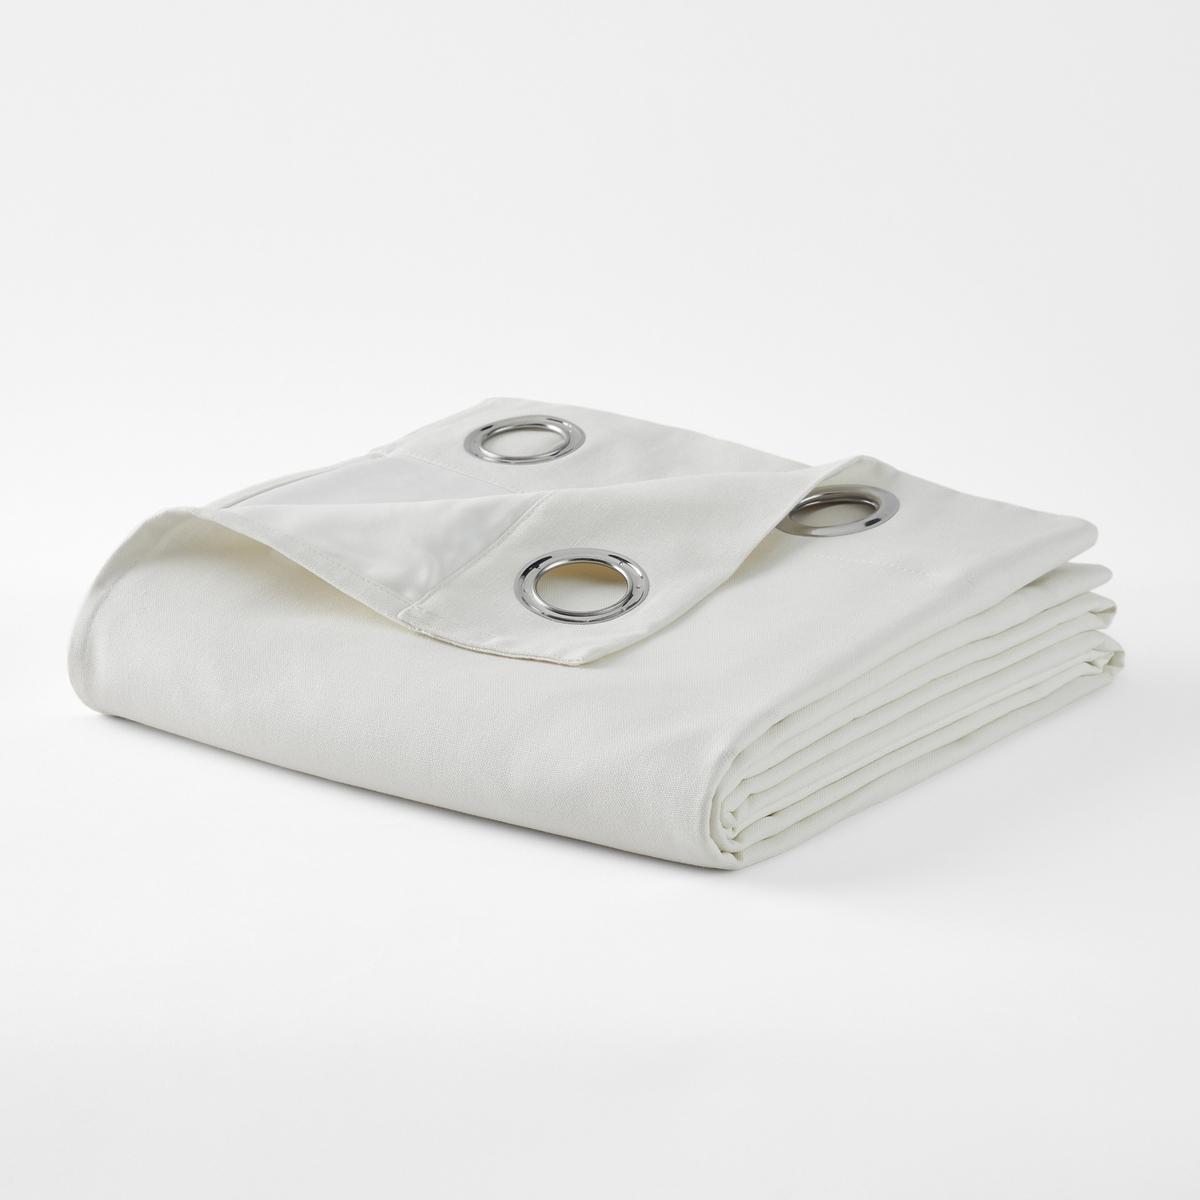 Штора затеняющая из смесовой ткани из льна и хлопка с люверсами TA?MAШтора из смесовой ткани с затемняющей подкладкой, качество Qualit? Best . Высококачественная ткань с плотным переплетением нитей из льна и хлопка : складки и затемняющий эффект.Характеристики затемняющей шторы из смесовой ткани из льна и хлопка с люверсами TA?MA55% льна, 45% хлопкаЗатемняющая подкладка в тон, 100% полиэстер для белого цветаОтделка люверсами цвета серебристый металлик ? 4 смНиз подшит 5 смОтличная стойкость цветов   .Качество BEST, требование качества.Размеры : В.180 x Ш.145 см, В.220 x ш.145 см, В.260 x Ш.145 см, В.350 x Ш.145 смЗнак Oeko-Tex® гарантирует, что товары прошли проверку и были изготовлены без применения вредных для здоровья человека веществ.<br><br>Цвет: белый,бледный сине-зеленый,розовое дерево,светло-серо-коричневый,светло-серый,серо-бежевый,серо-синий,сливовый,темно-серый,экрю